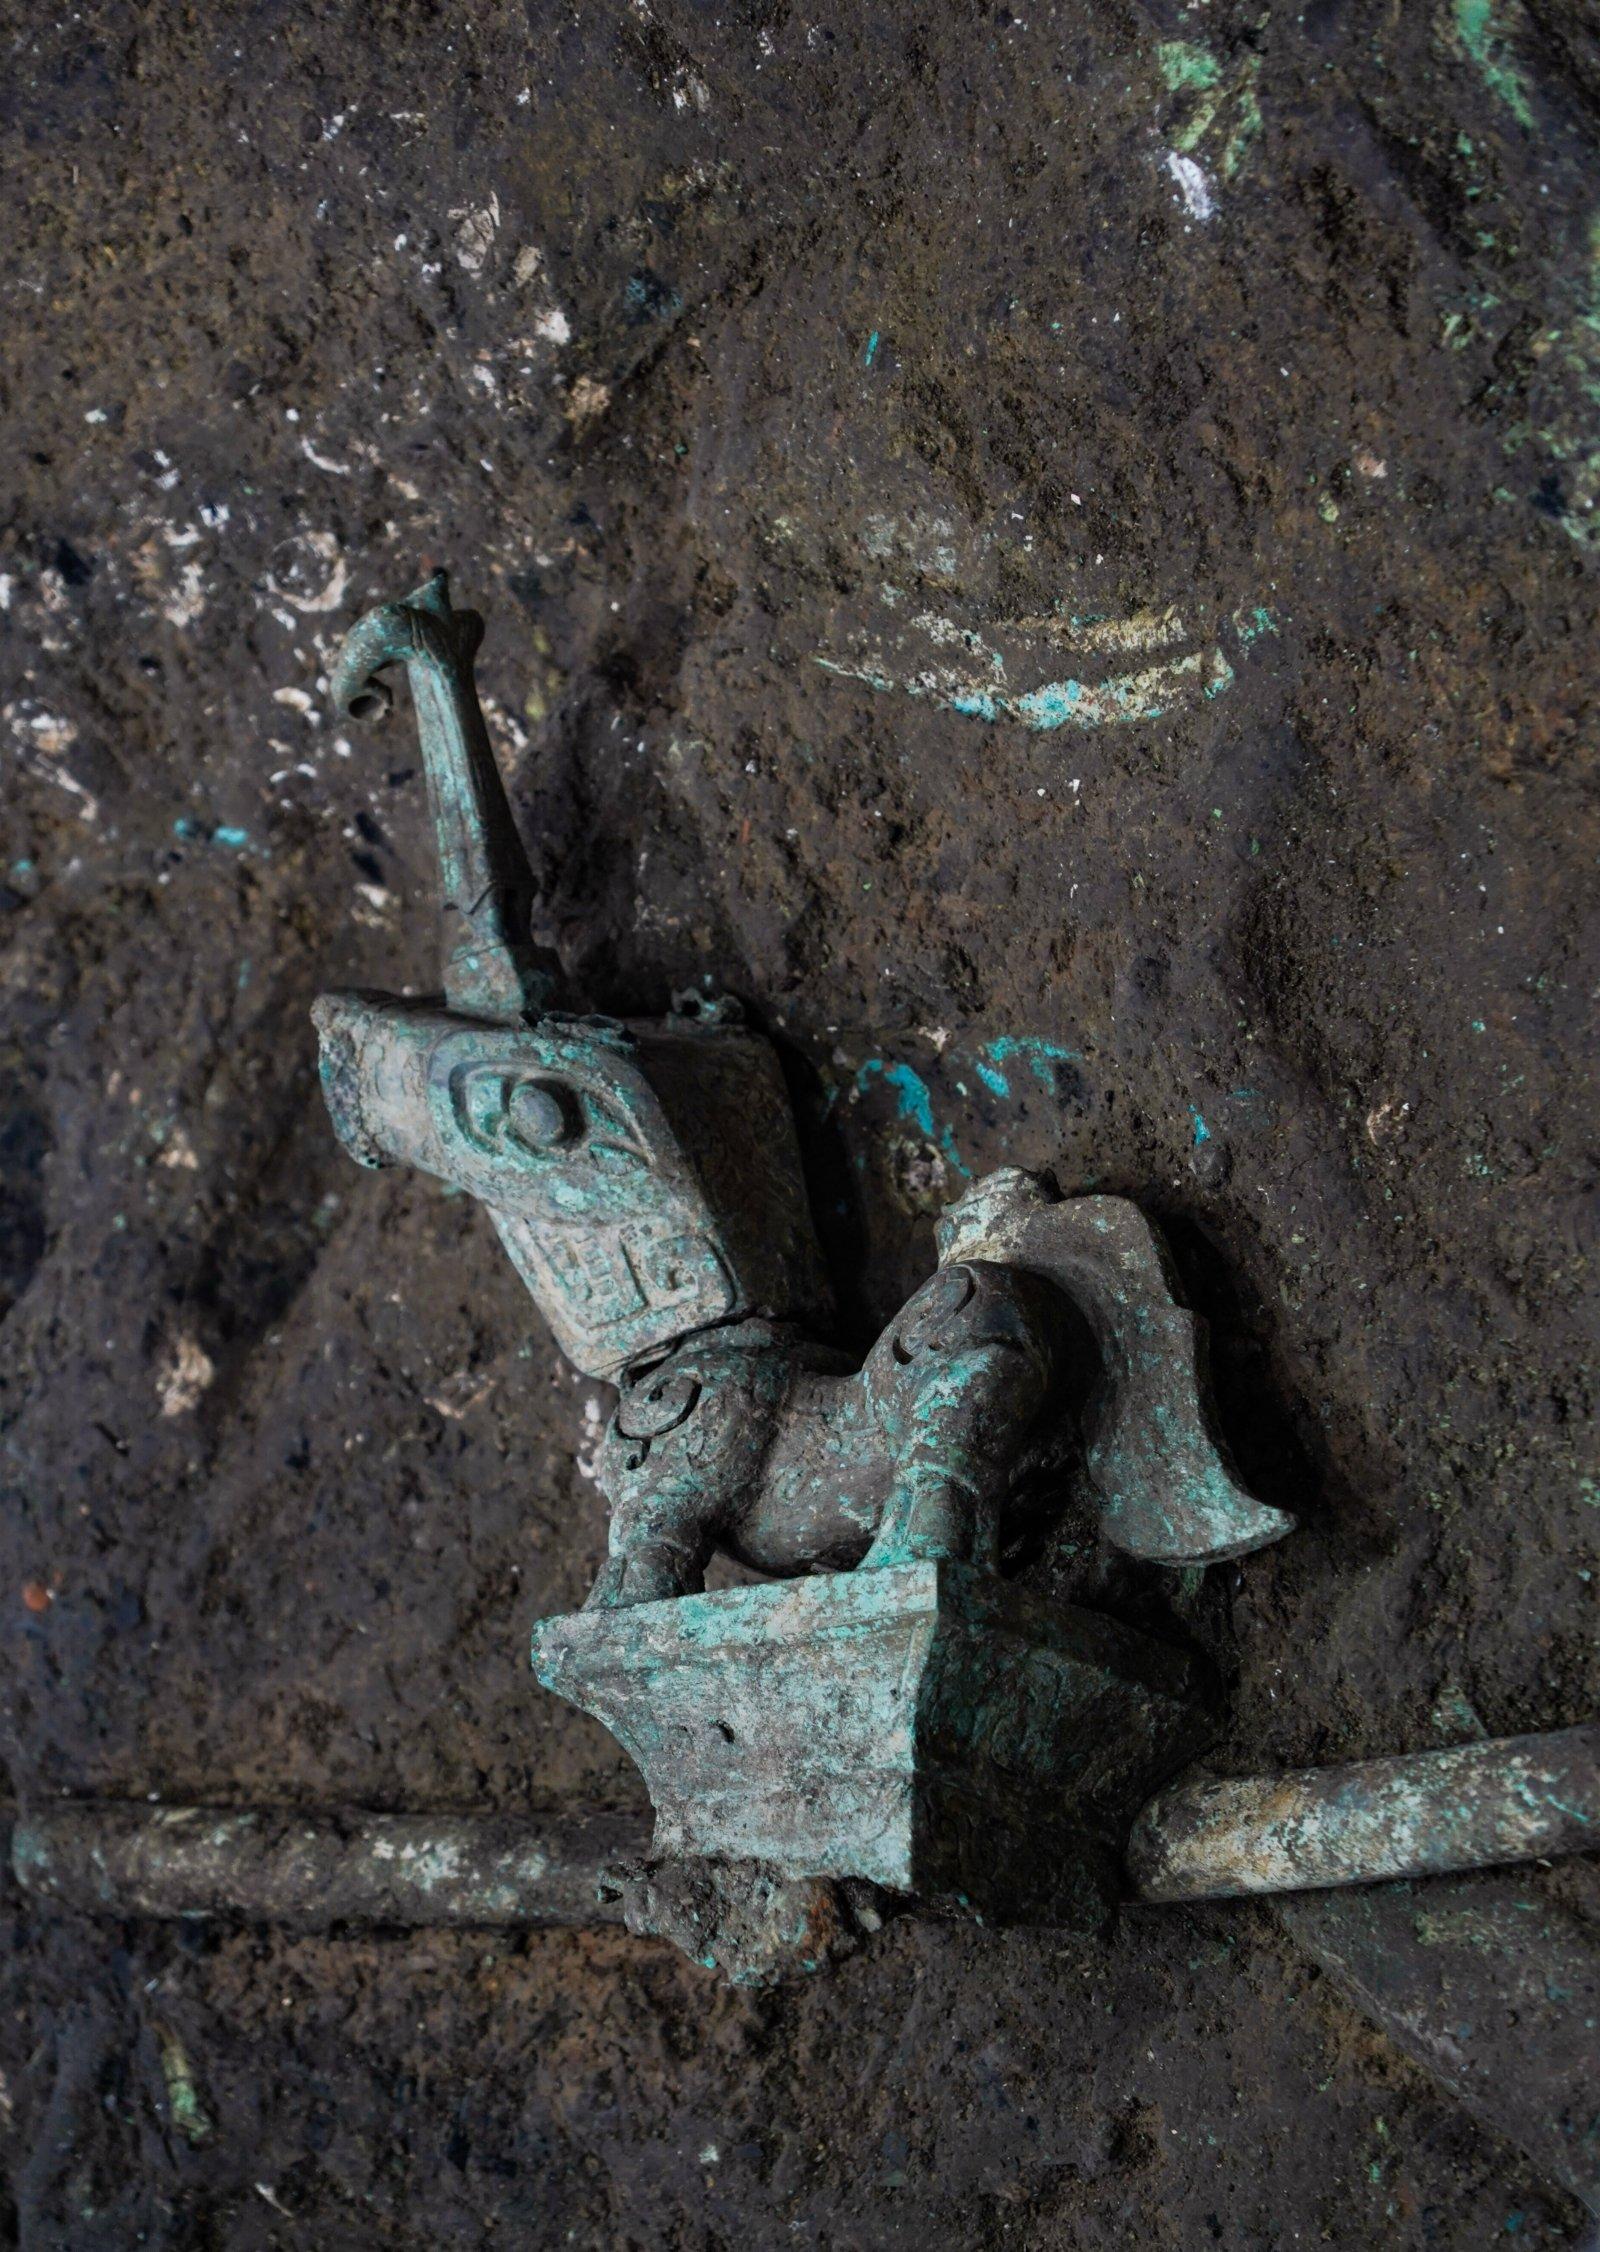 這是在四川德陽廣漢市三星堆遺址考古發掘現場3號「祭祀坑」內拍攝的青銅神獸(9月6日攝)。